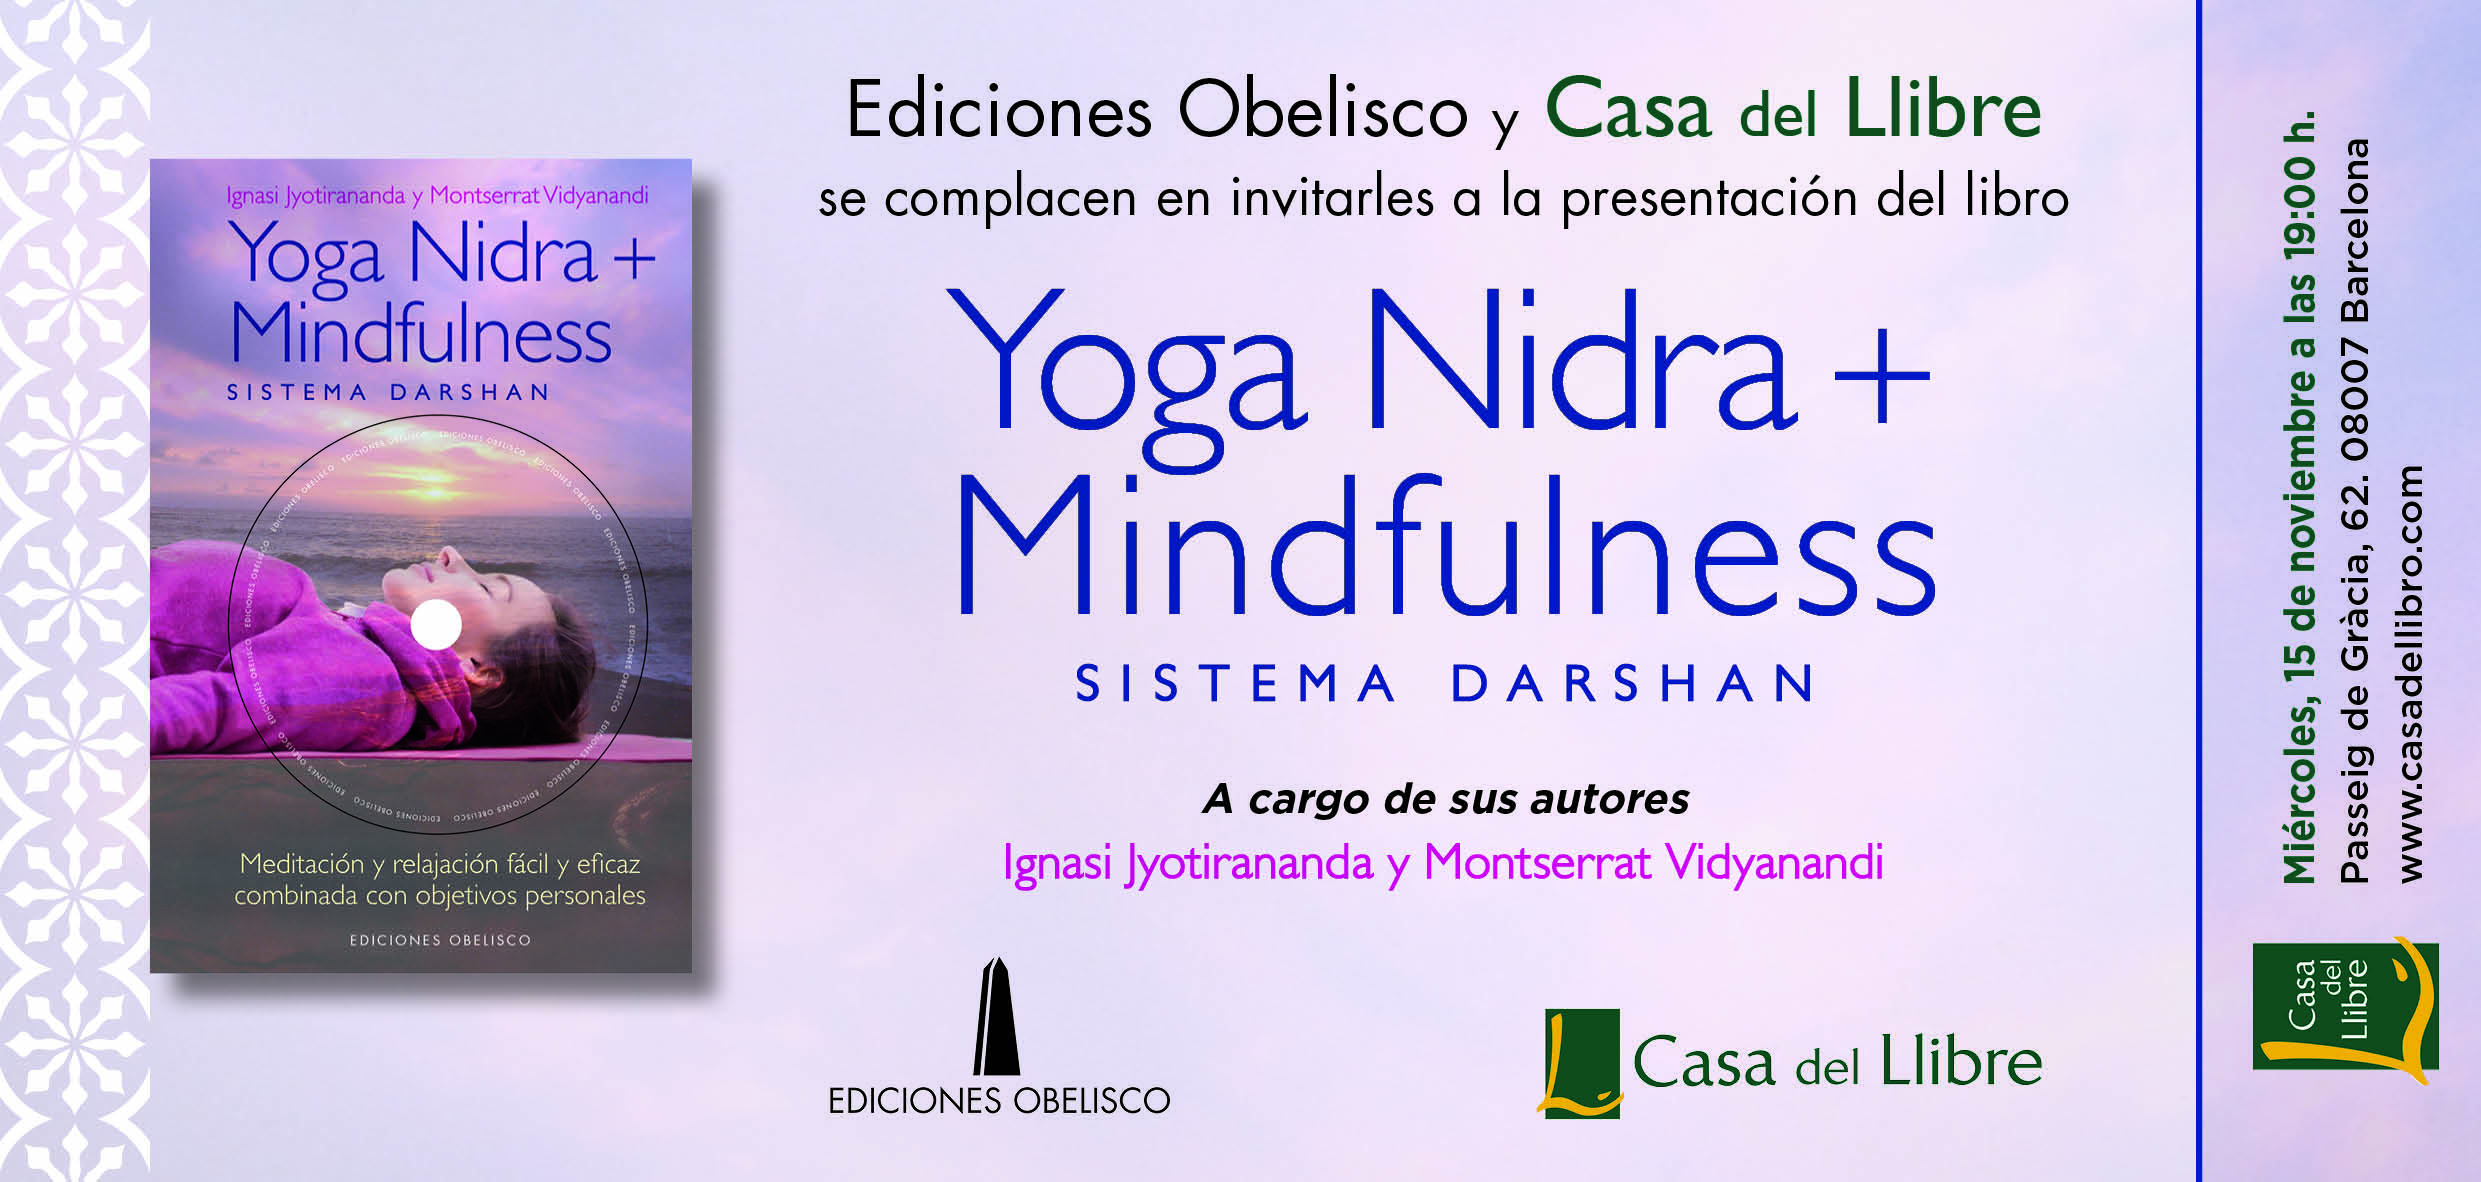 Presentacion de nuestro nuevo Libro Yoga Nidra Mindfulness Sistema Darshan, 15 de Noviembre, en Barcelona, Casa del Libro, Paseo de Gracia